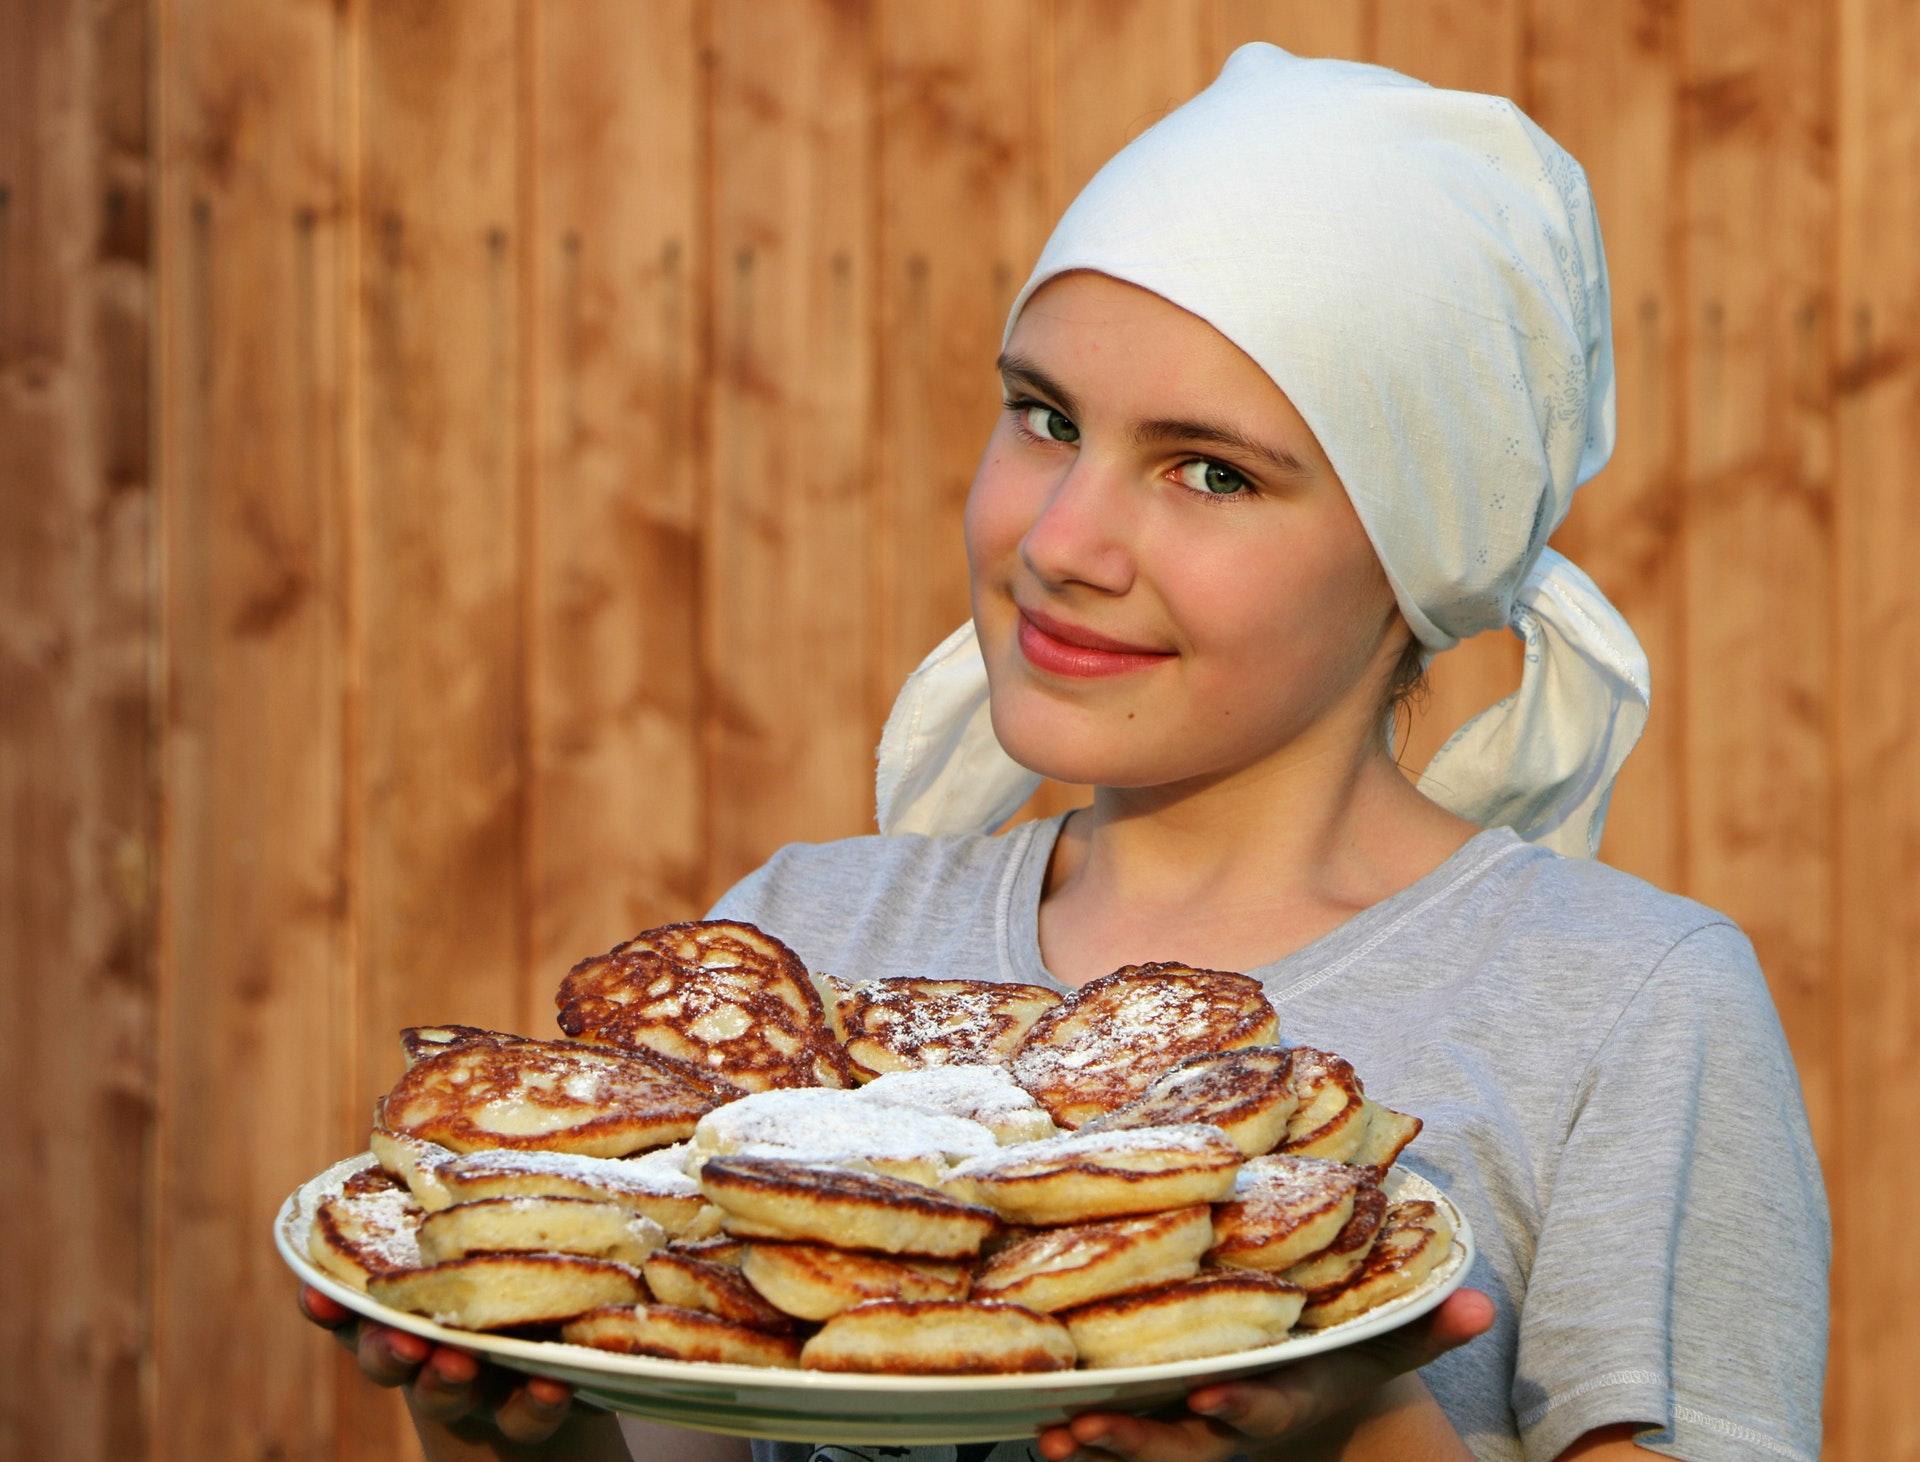 les pancakes sont plus épais que les crêpes